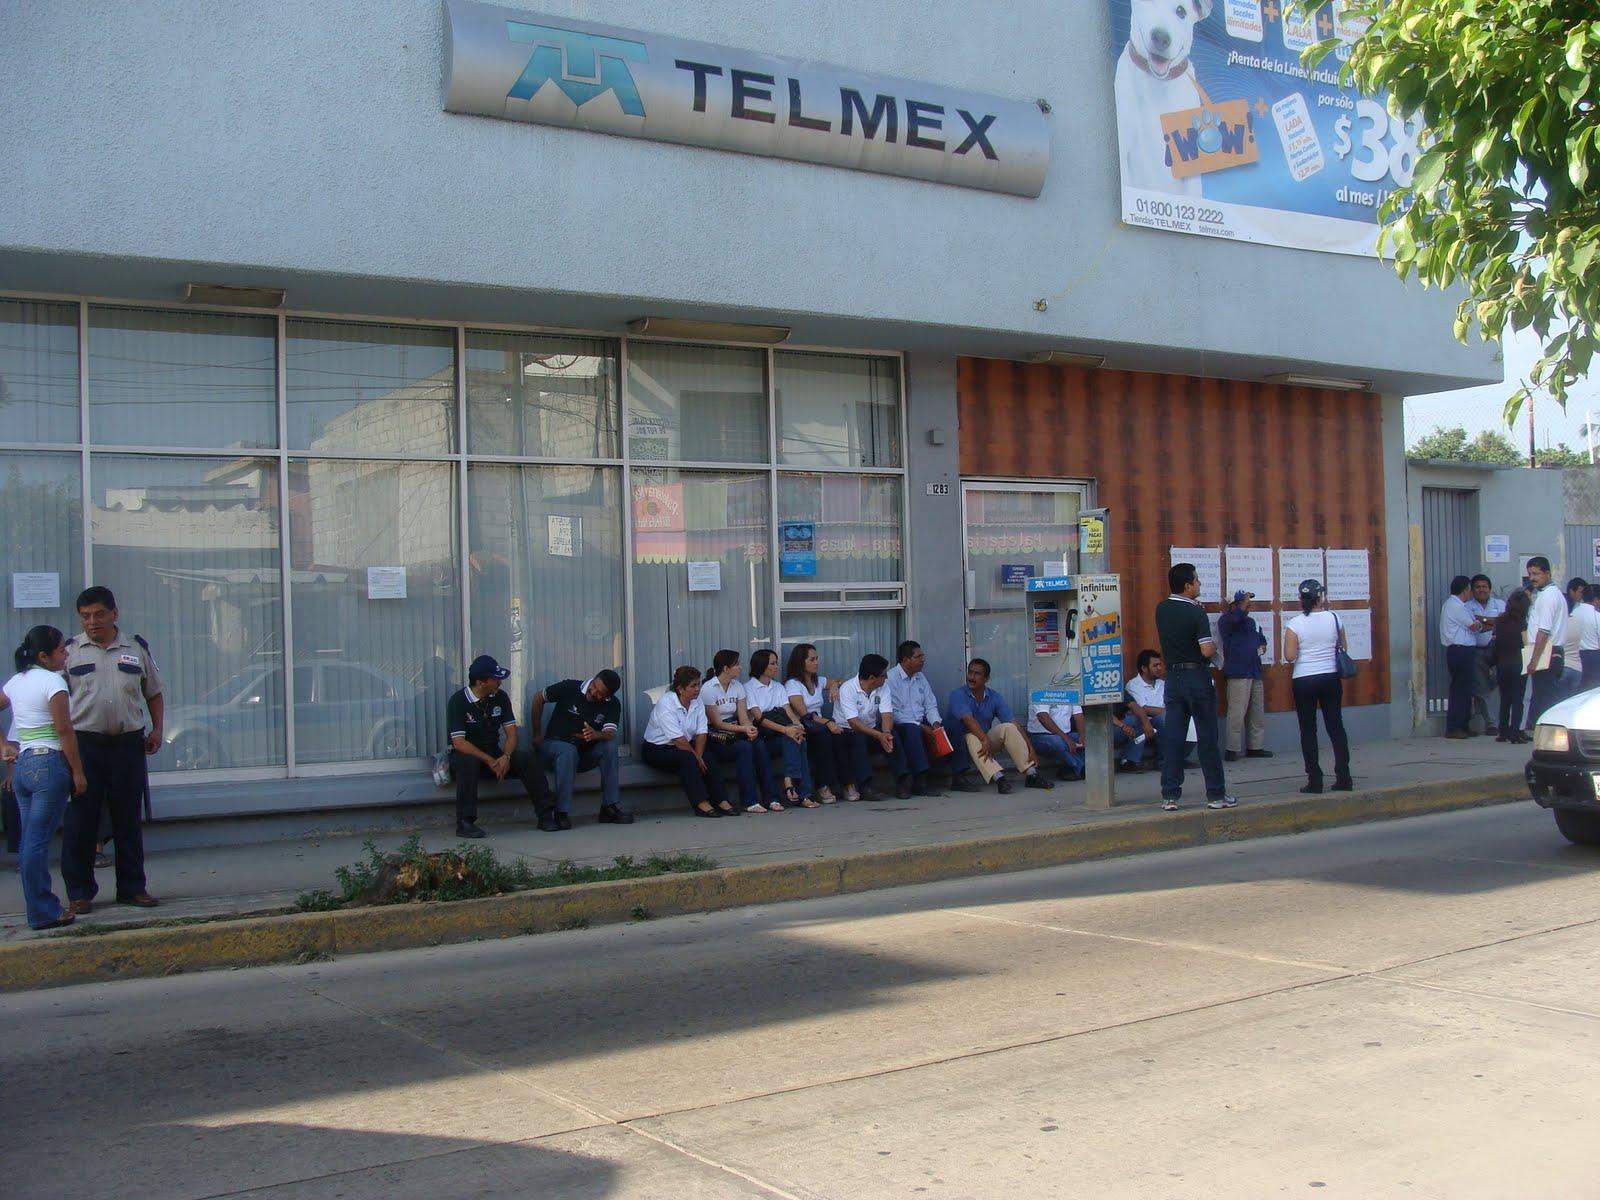 ¿Cómo cancelar Telmex?: Requisitos, costo, cuánto tarda y más